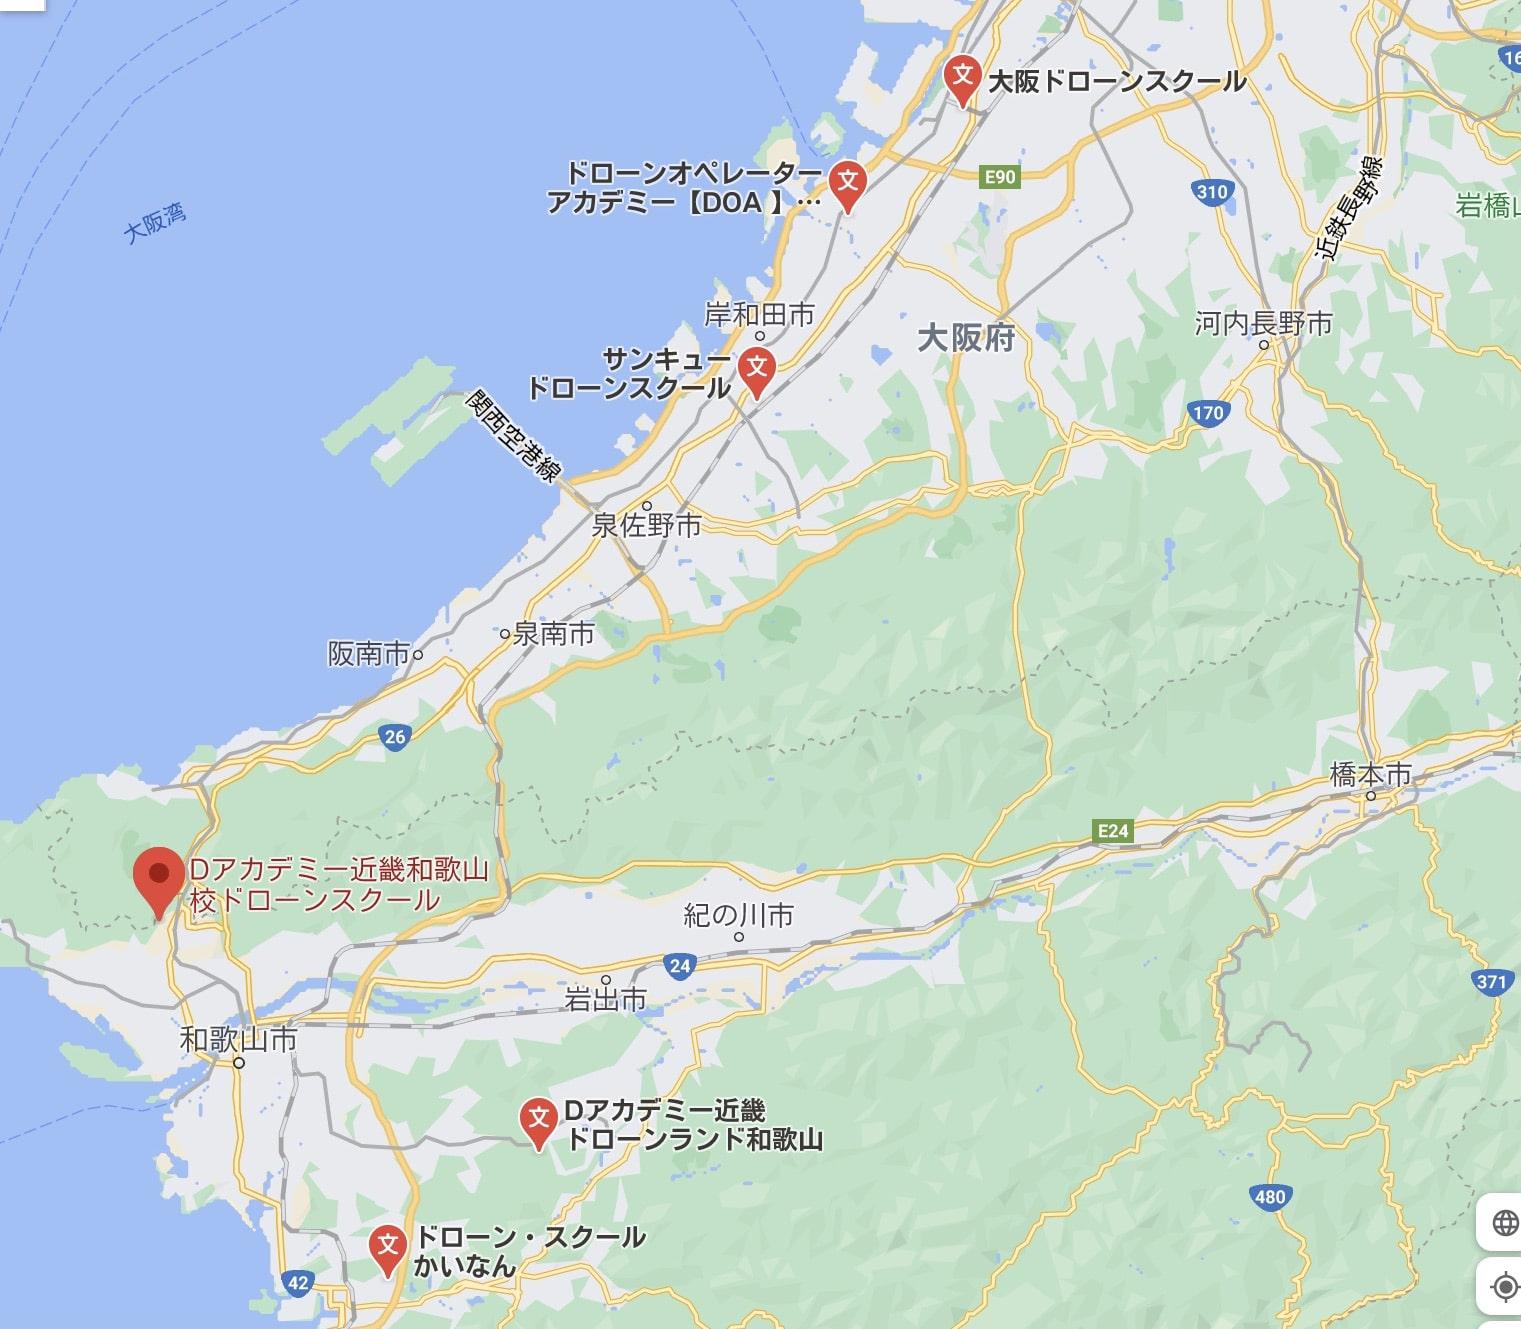 Dアカデミー近畿和歌山周辺のドローンスクール